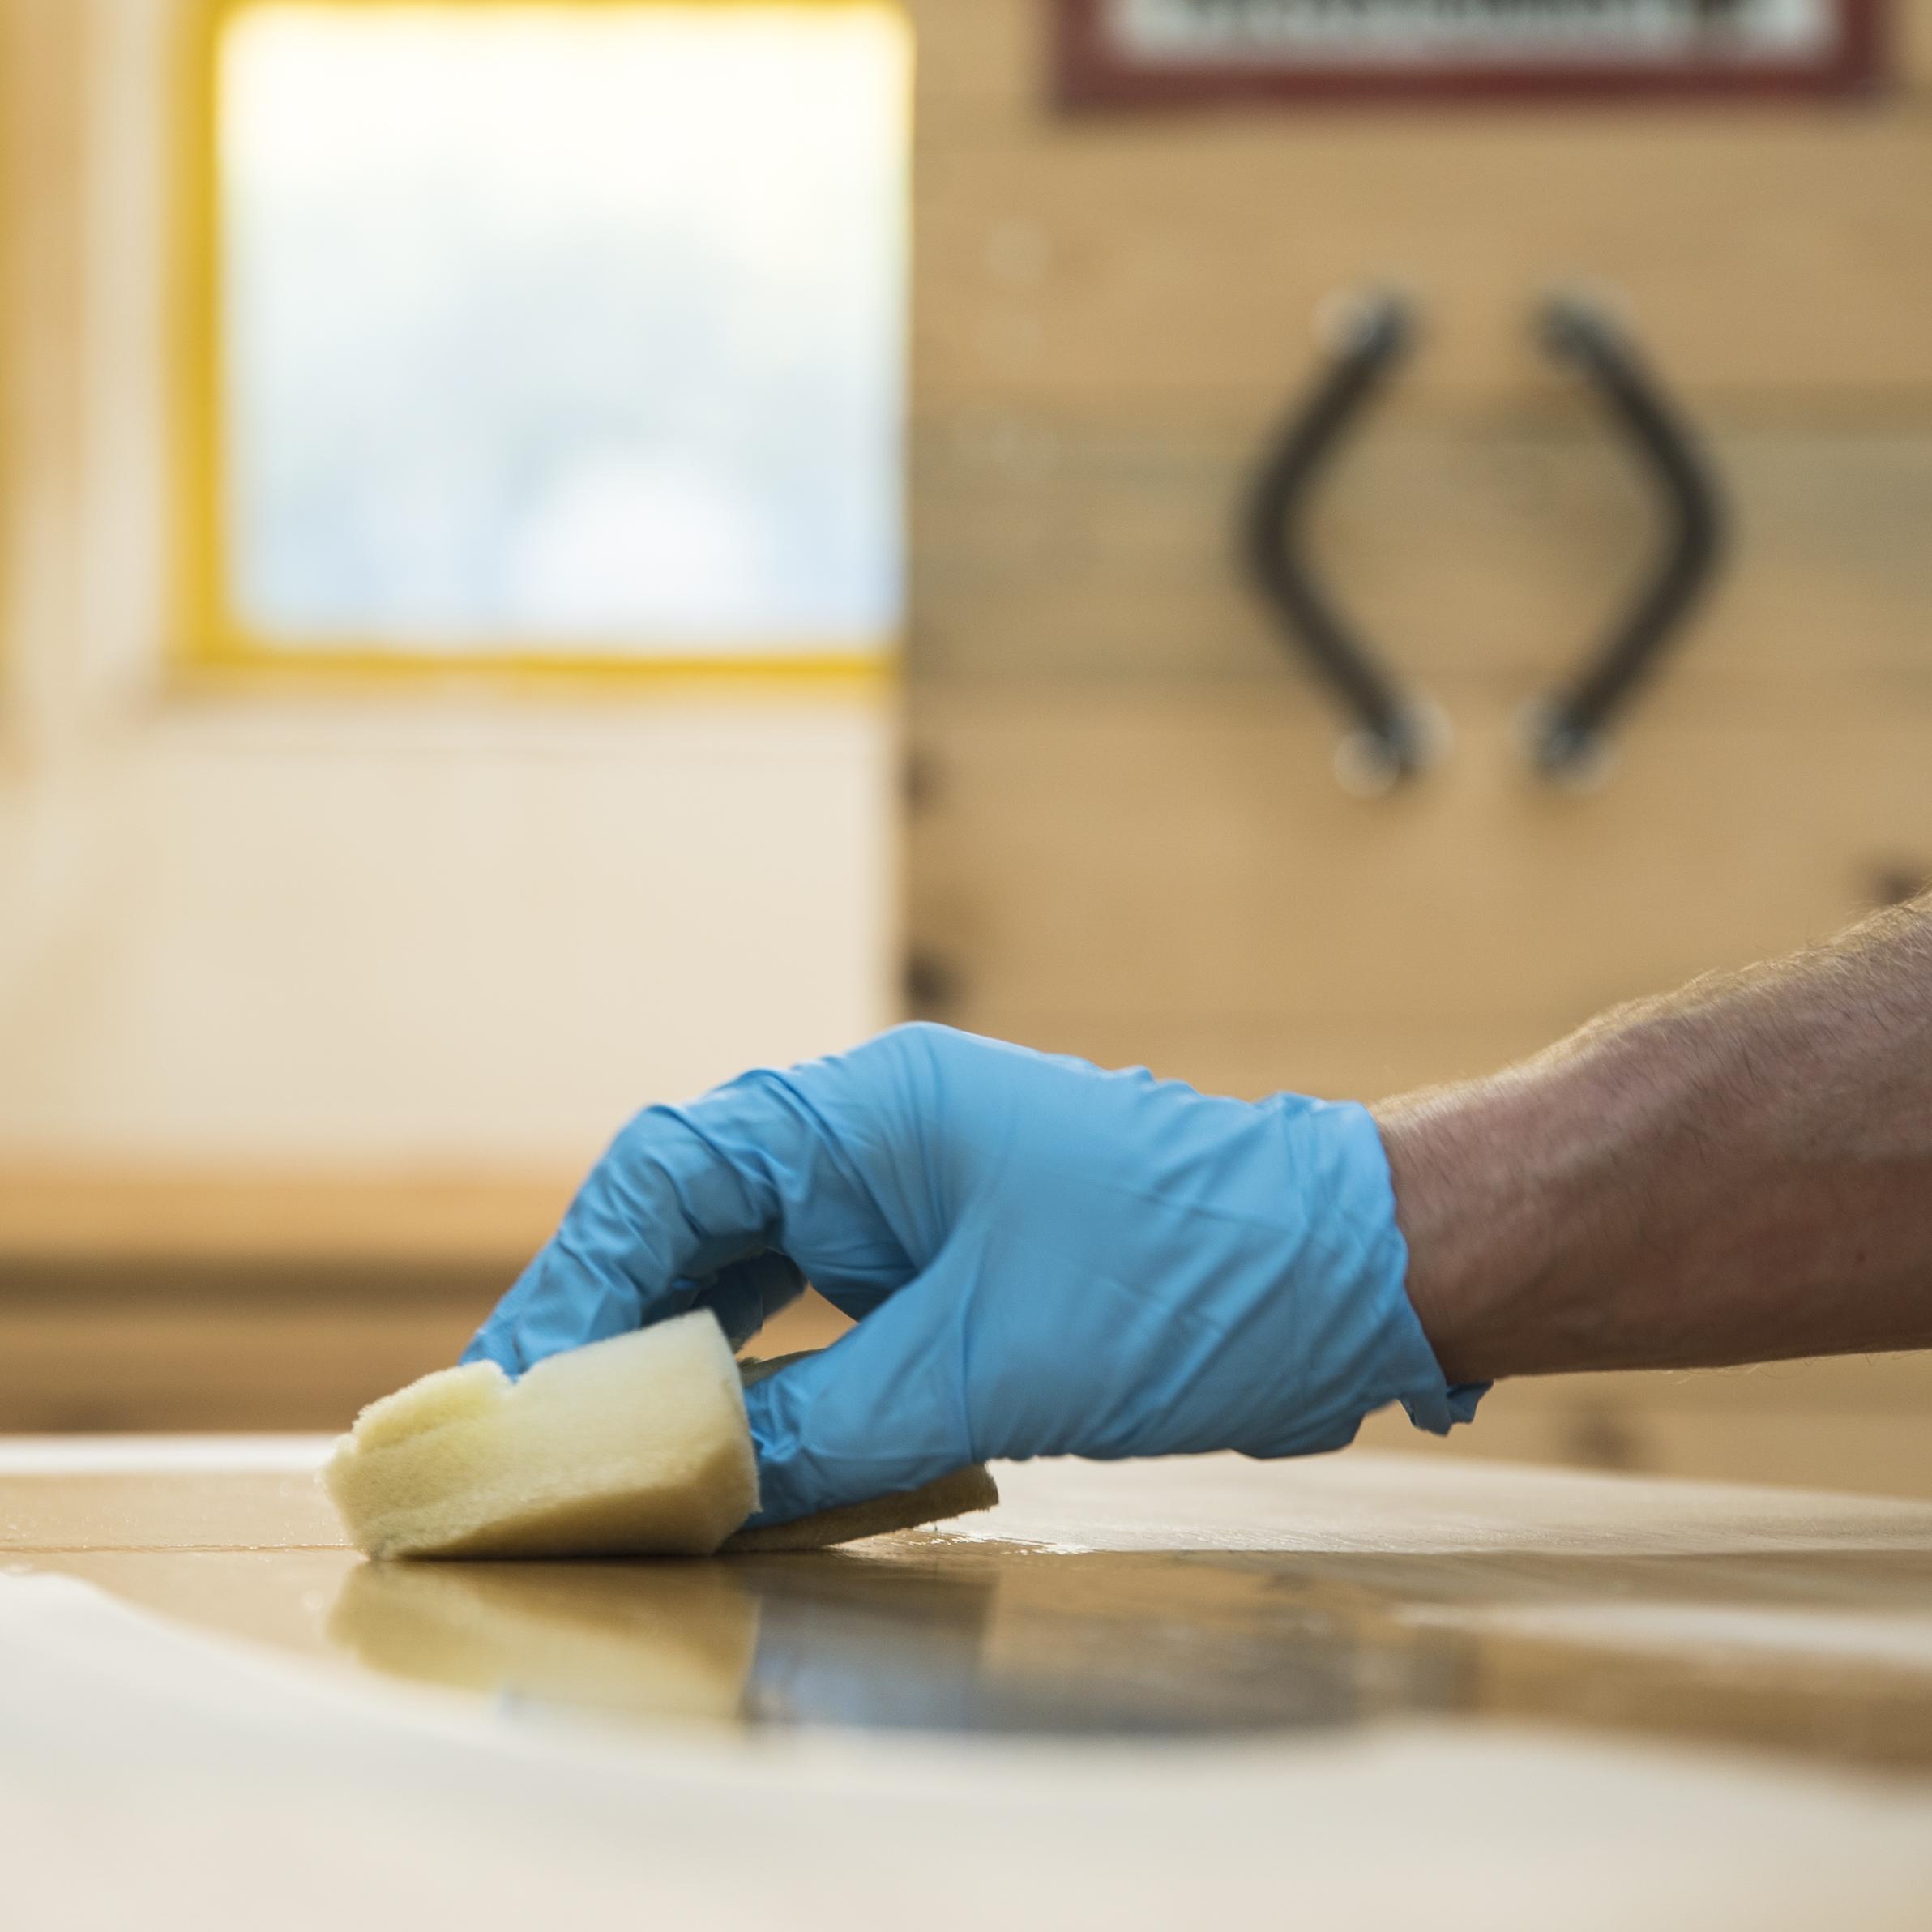 Schritt 4: - Handschuhe anziehen und mit dem Schwämmchen das Holzwachs auf die gewünschte Stelle auftragen. Darauf achten, dass nicht zu viel Holzwachs verwendet wird und das Holzwachs in Faserrichtung aufgetragen wird. Zum Schluss, falls vorhanden, das überschüssige Holzwachs mit dem Schwämmchen wieder abnehmen.